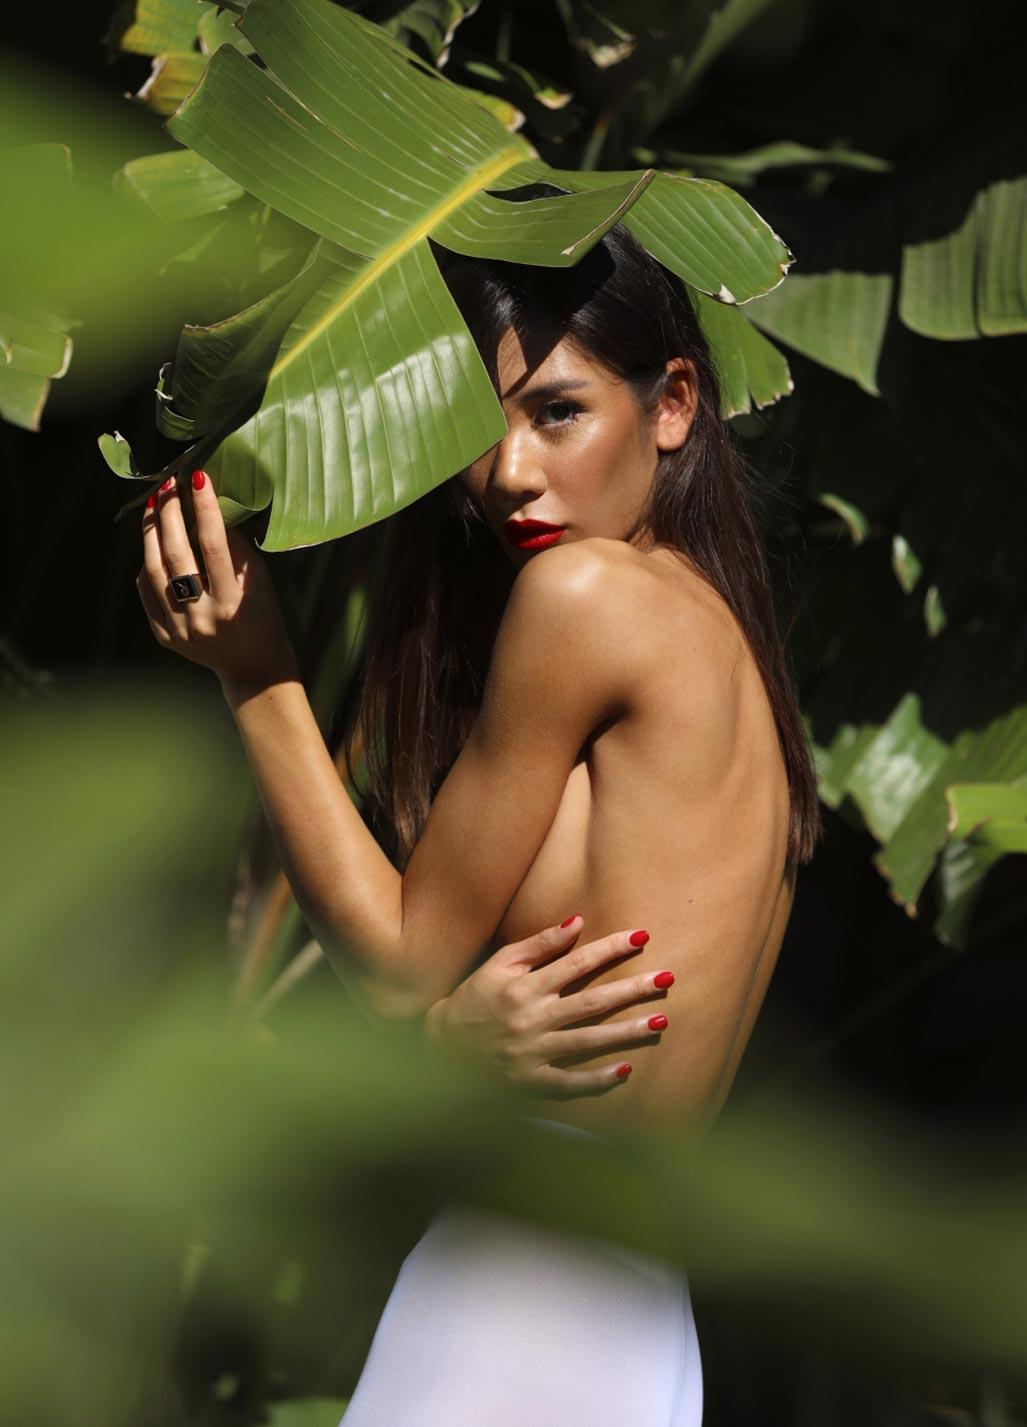 Кледия Фортин отдыхает у бассейна на фотографиях Аны Диас / фото 06